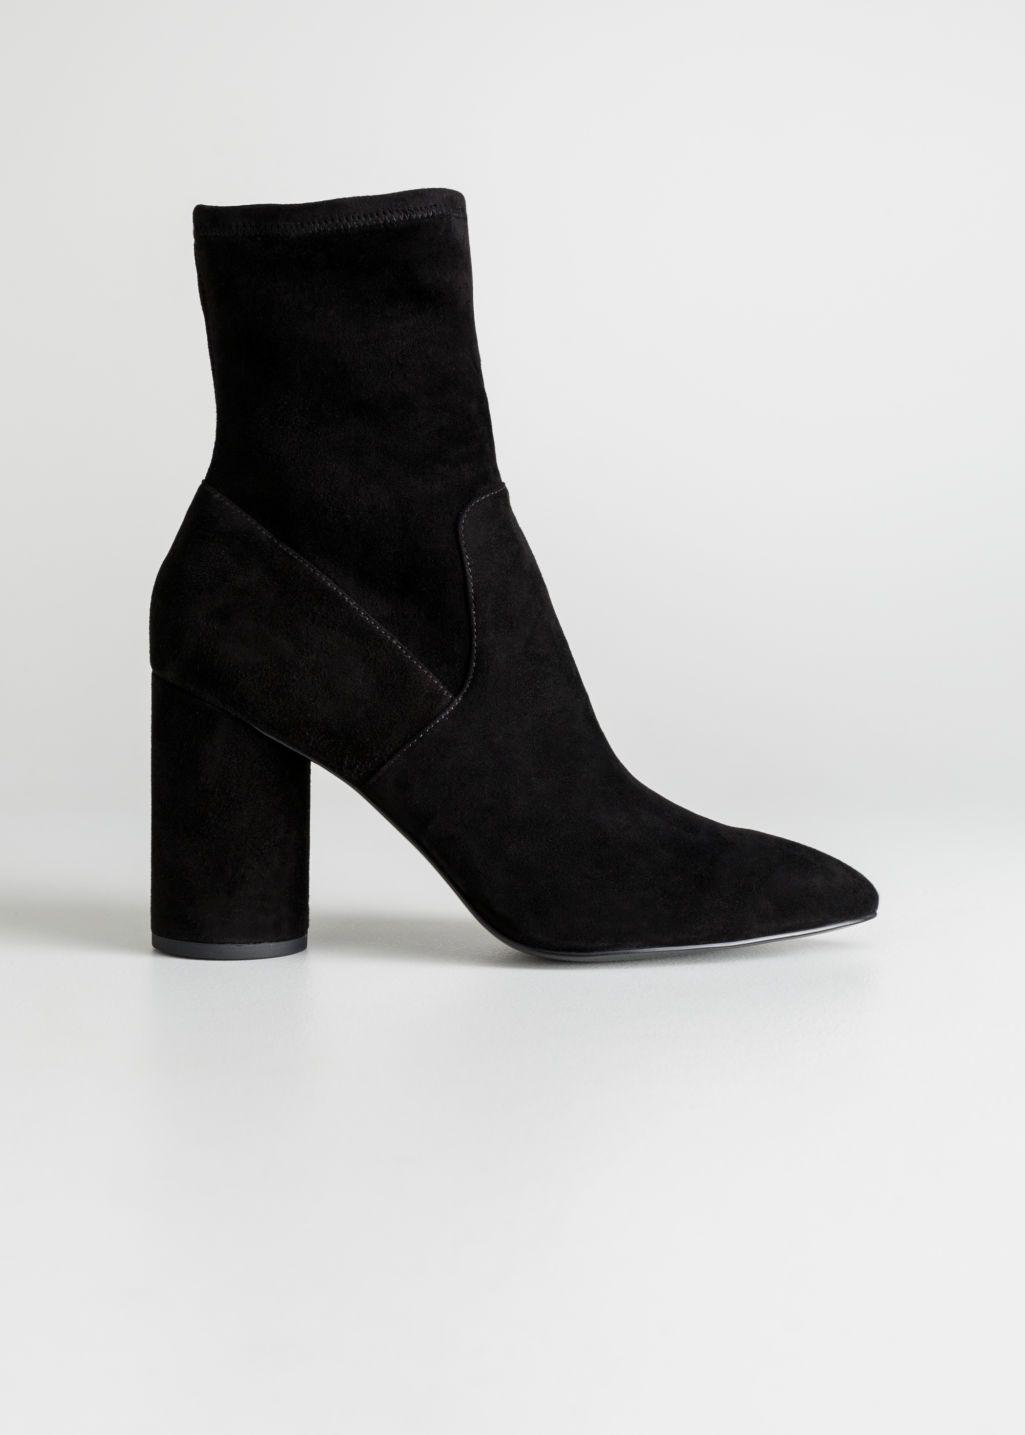 Ankelboots | Sort | Dame | H&M DK | Støvler, Ankelstøvler